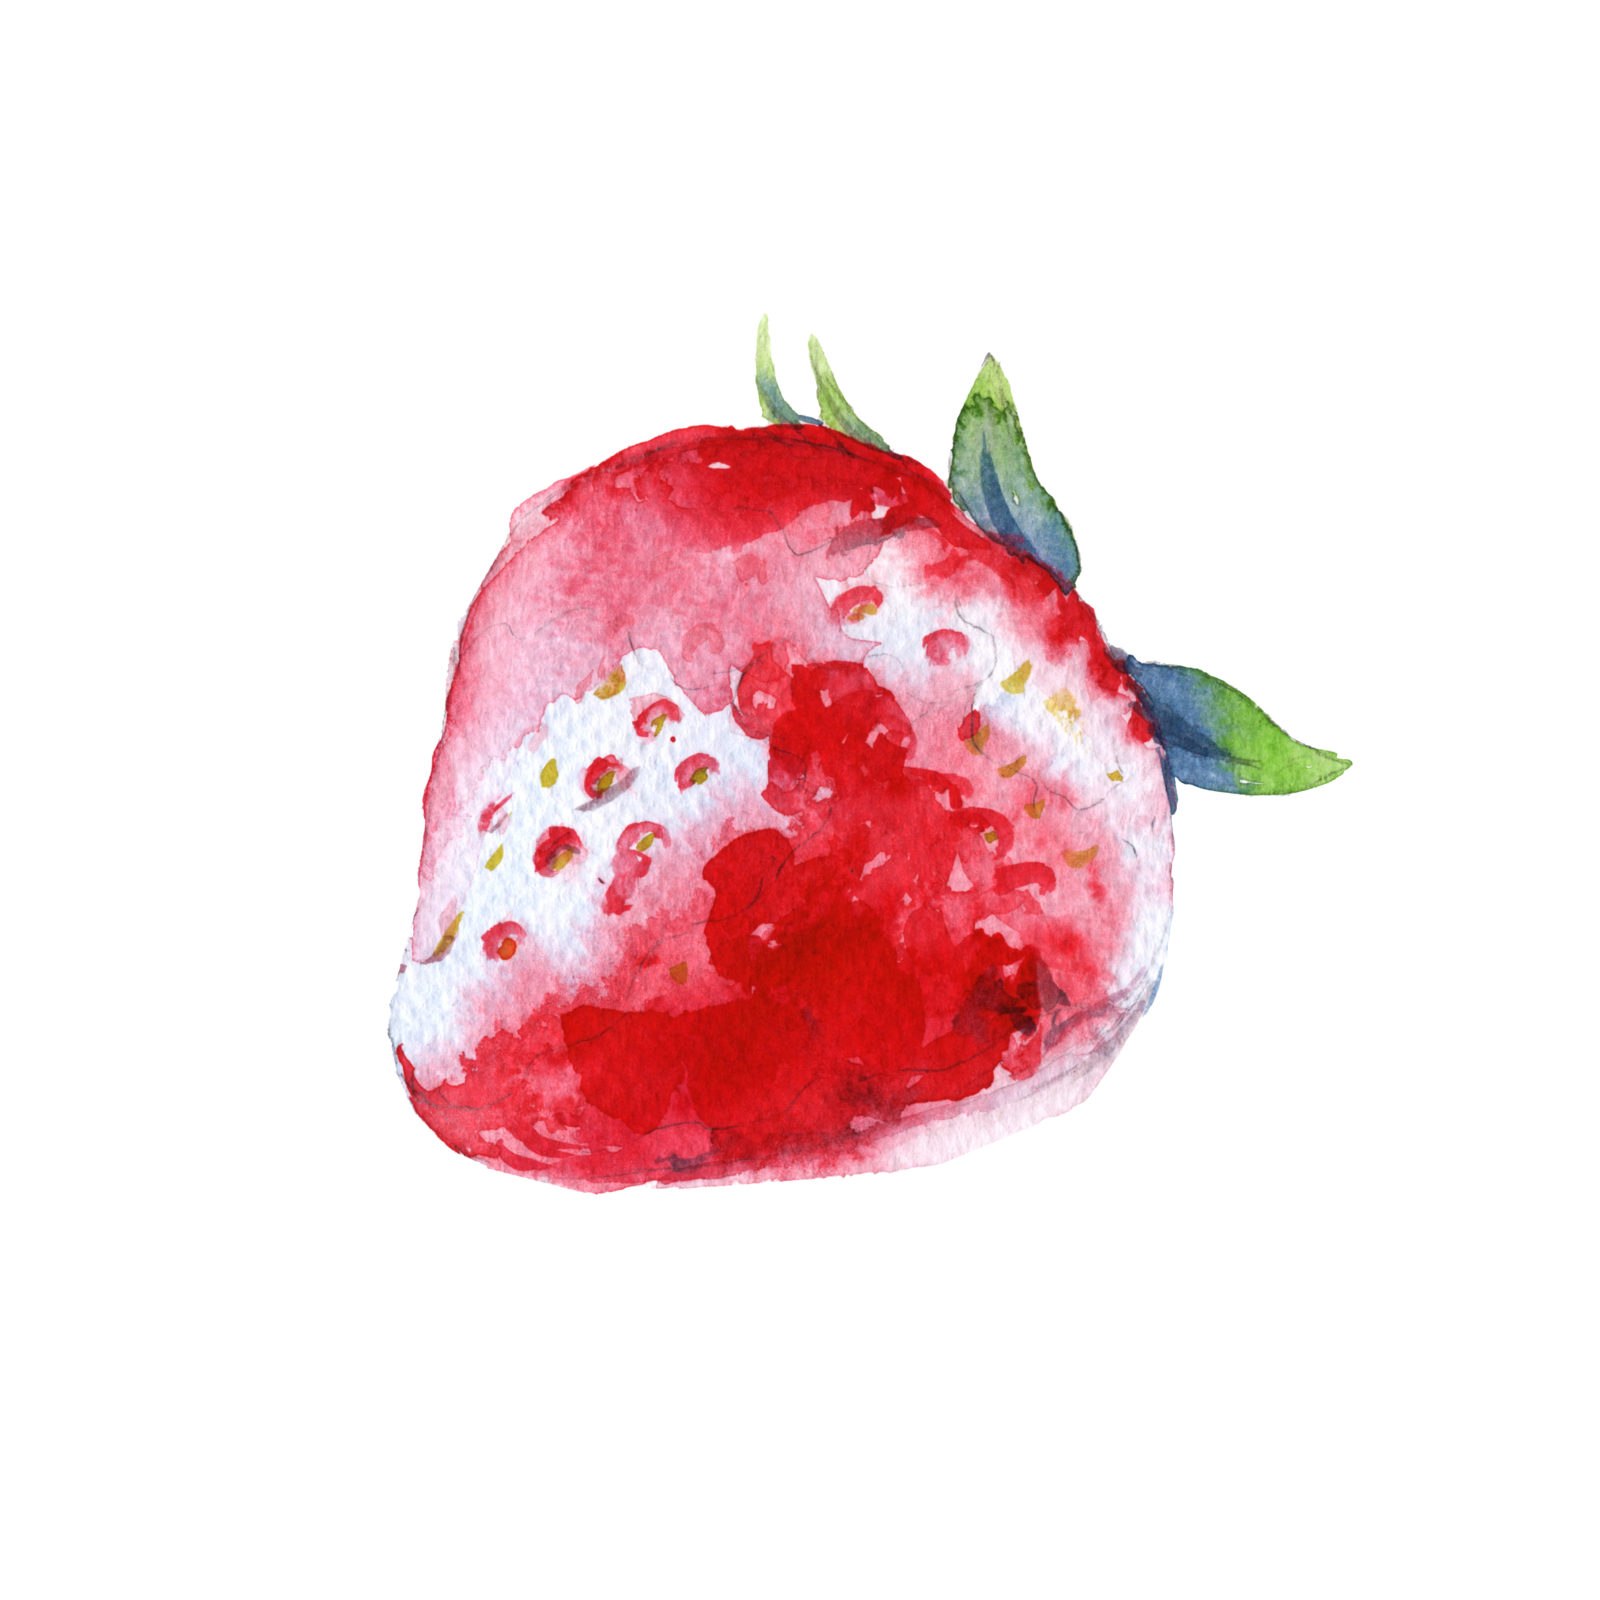 allergie aux fruits rouges